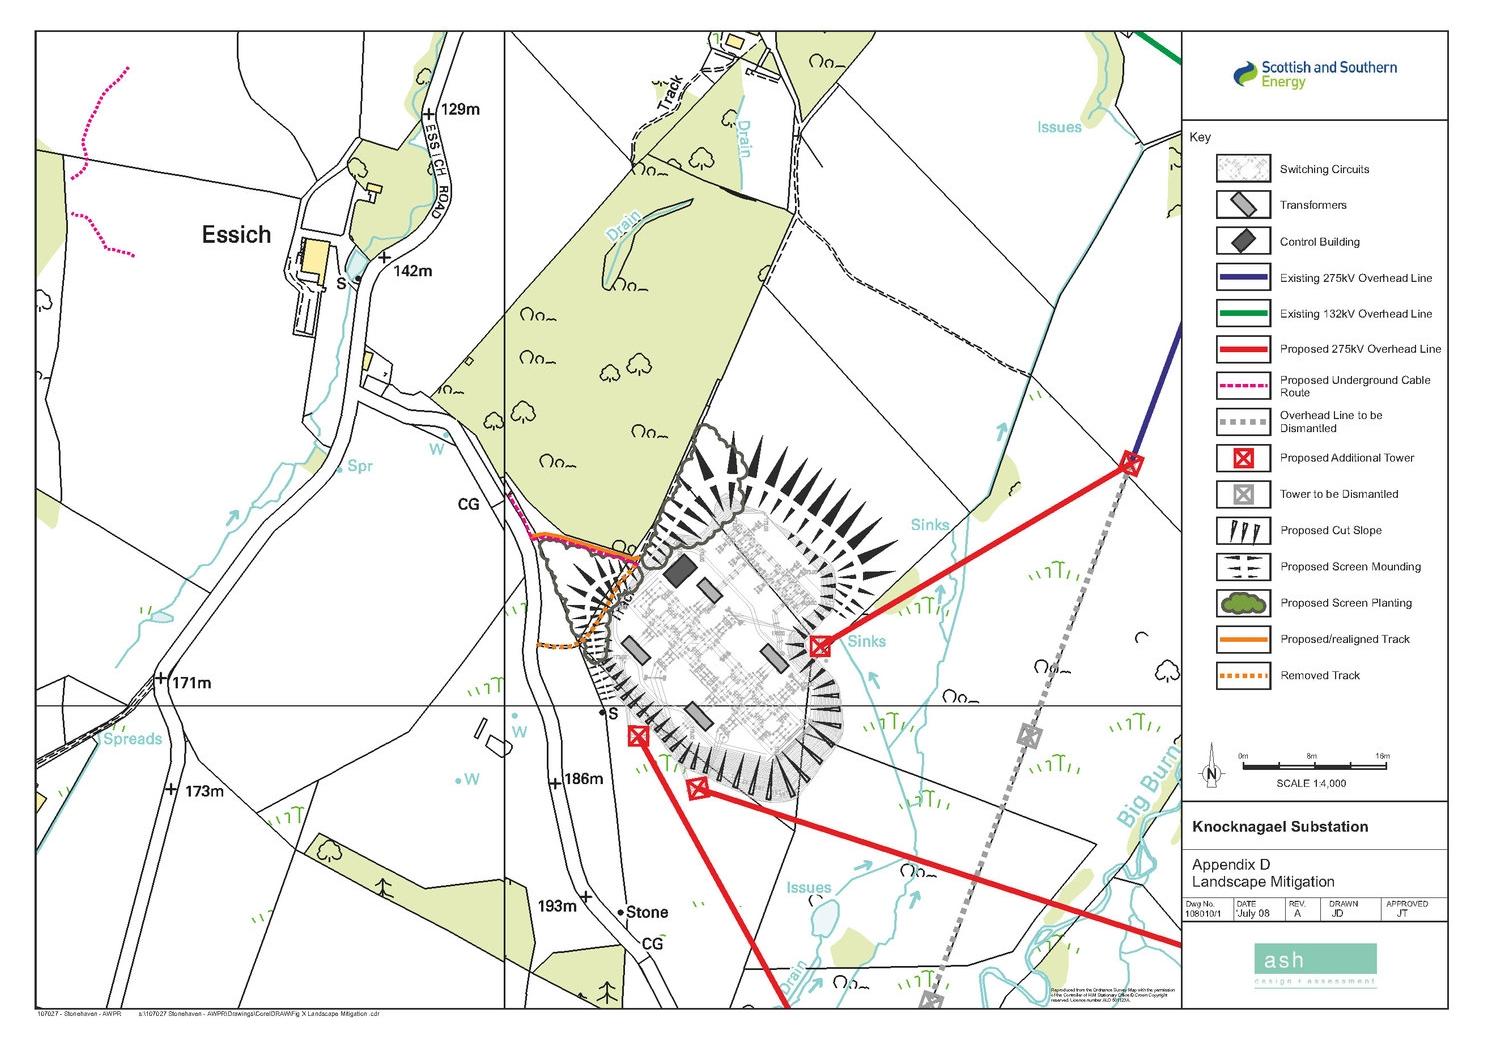 fig X - Landscape Mitigation Rev A.jpg